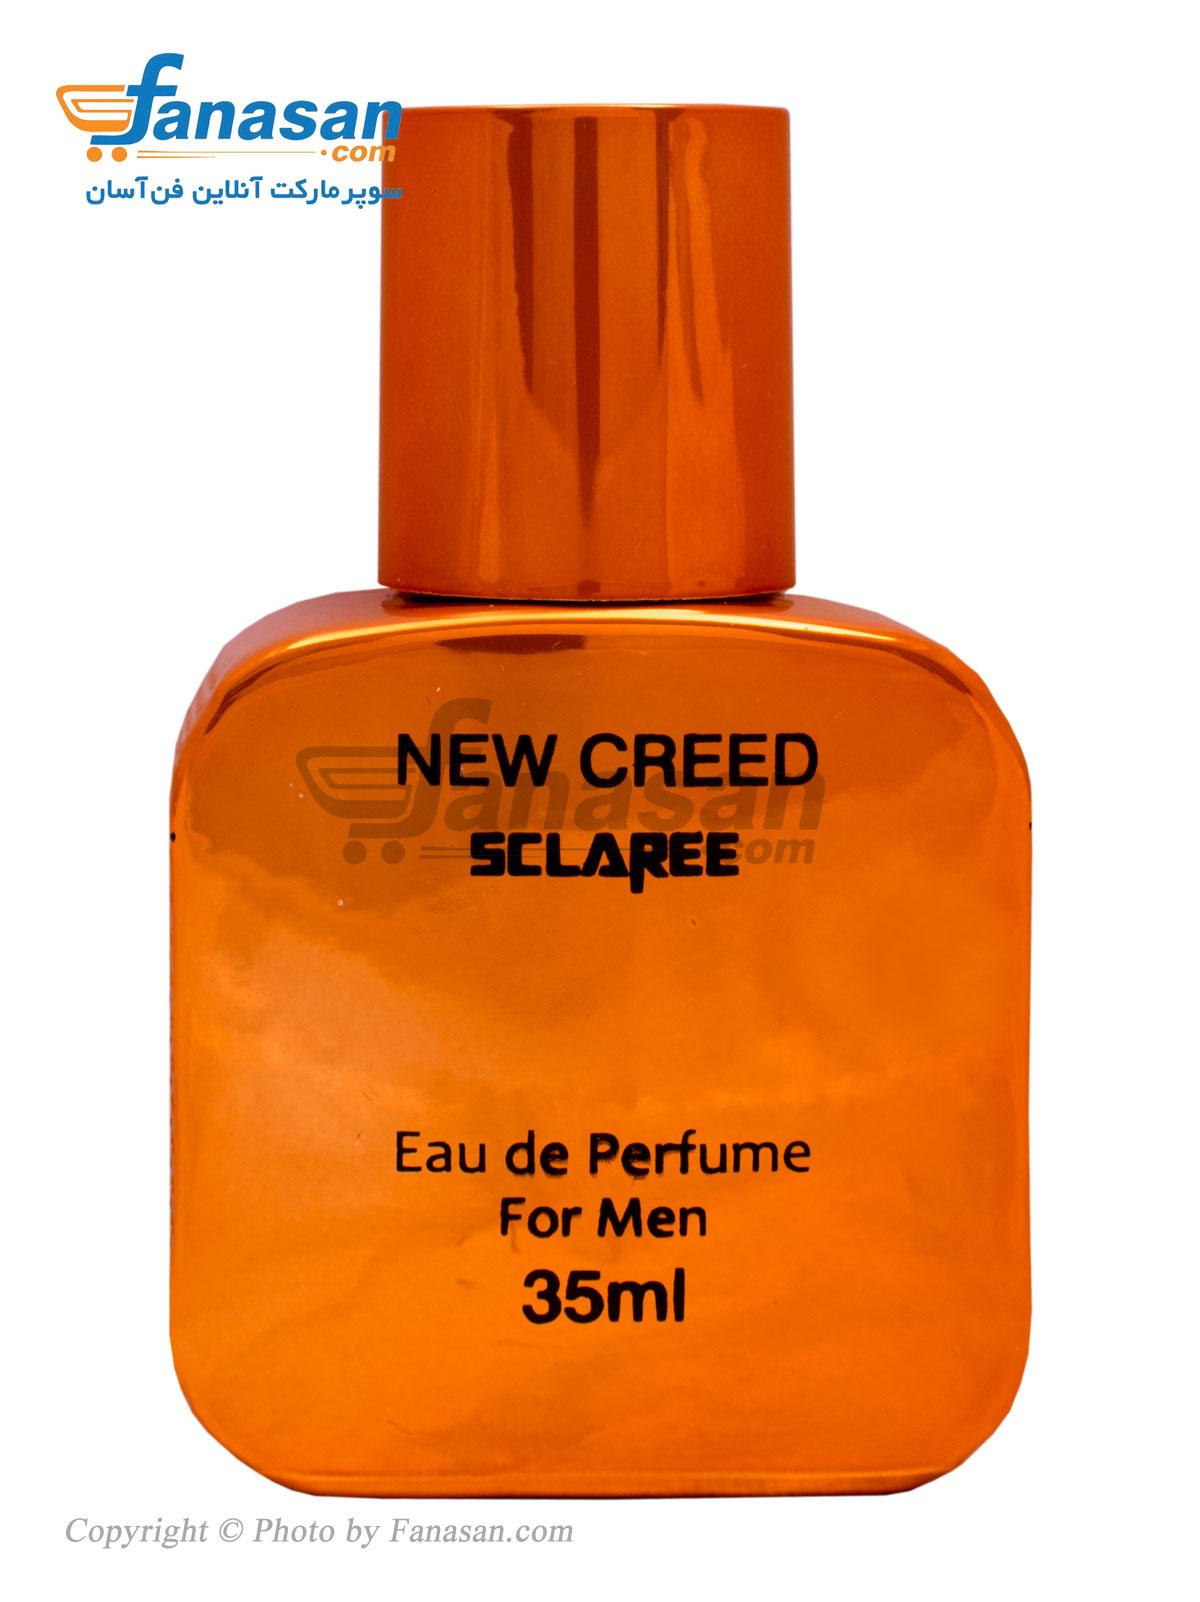 ادو پرفیوم اسکلاره با رایحه New Creed مناسب برای آقایان 35 میلی لیتر